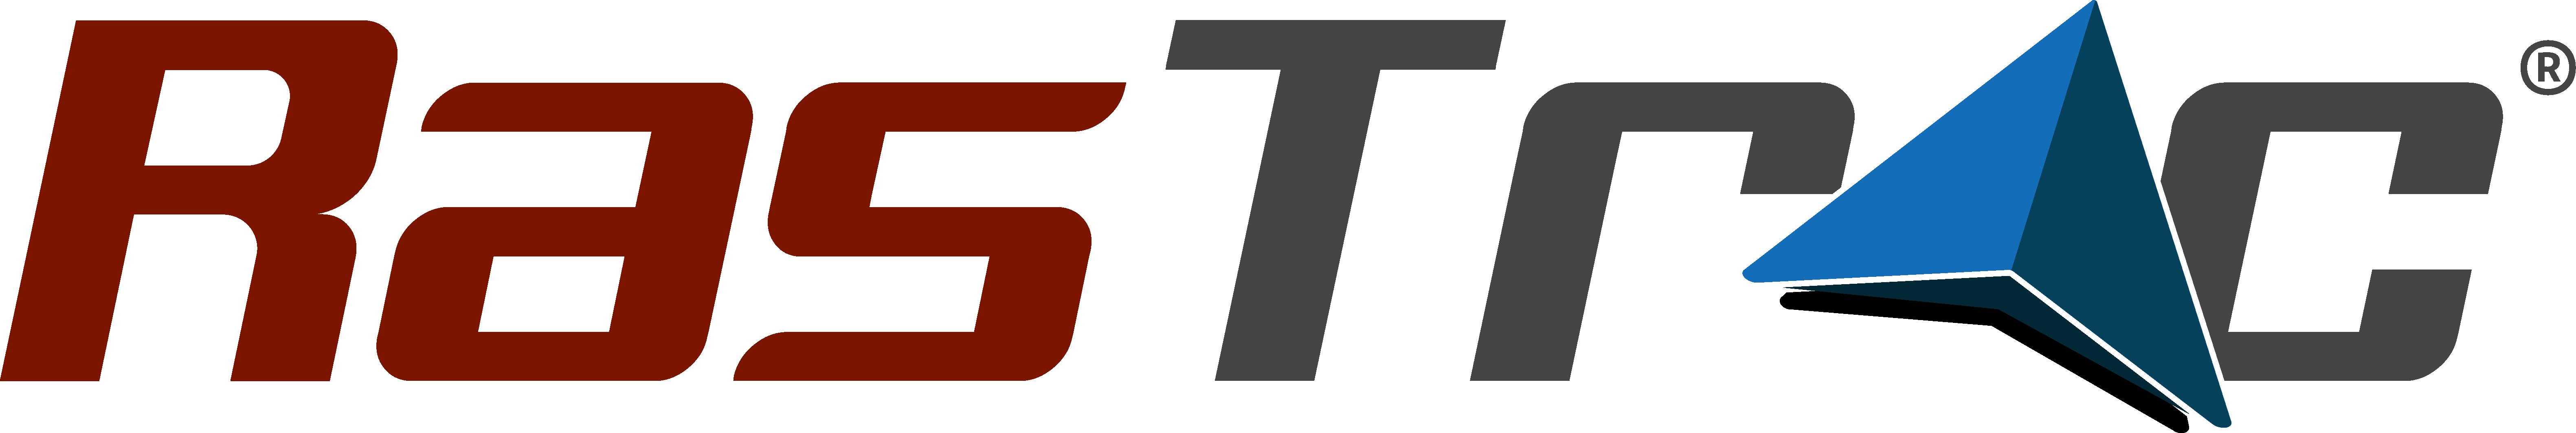 ttu2830